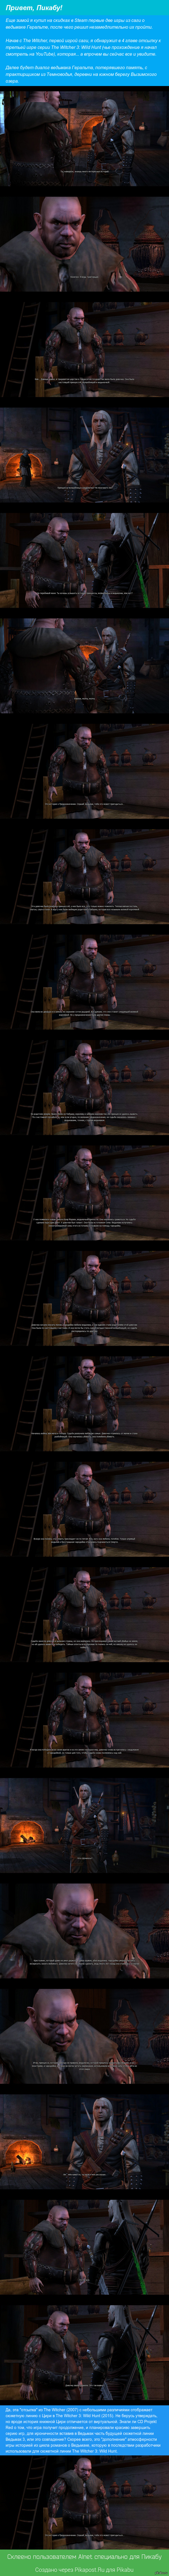 История, рассказанная трактирщиком из The Witcher (2007) Трактирщик из Темноводья рассказывает сюжетную линию The Witcher 3: Wild Hunt